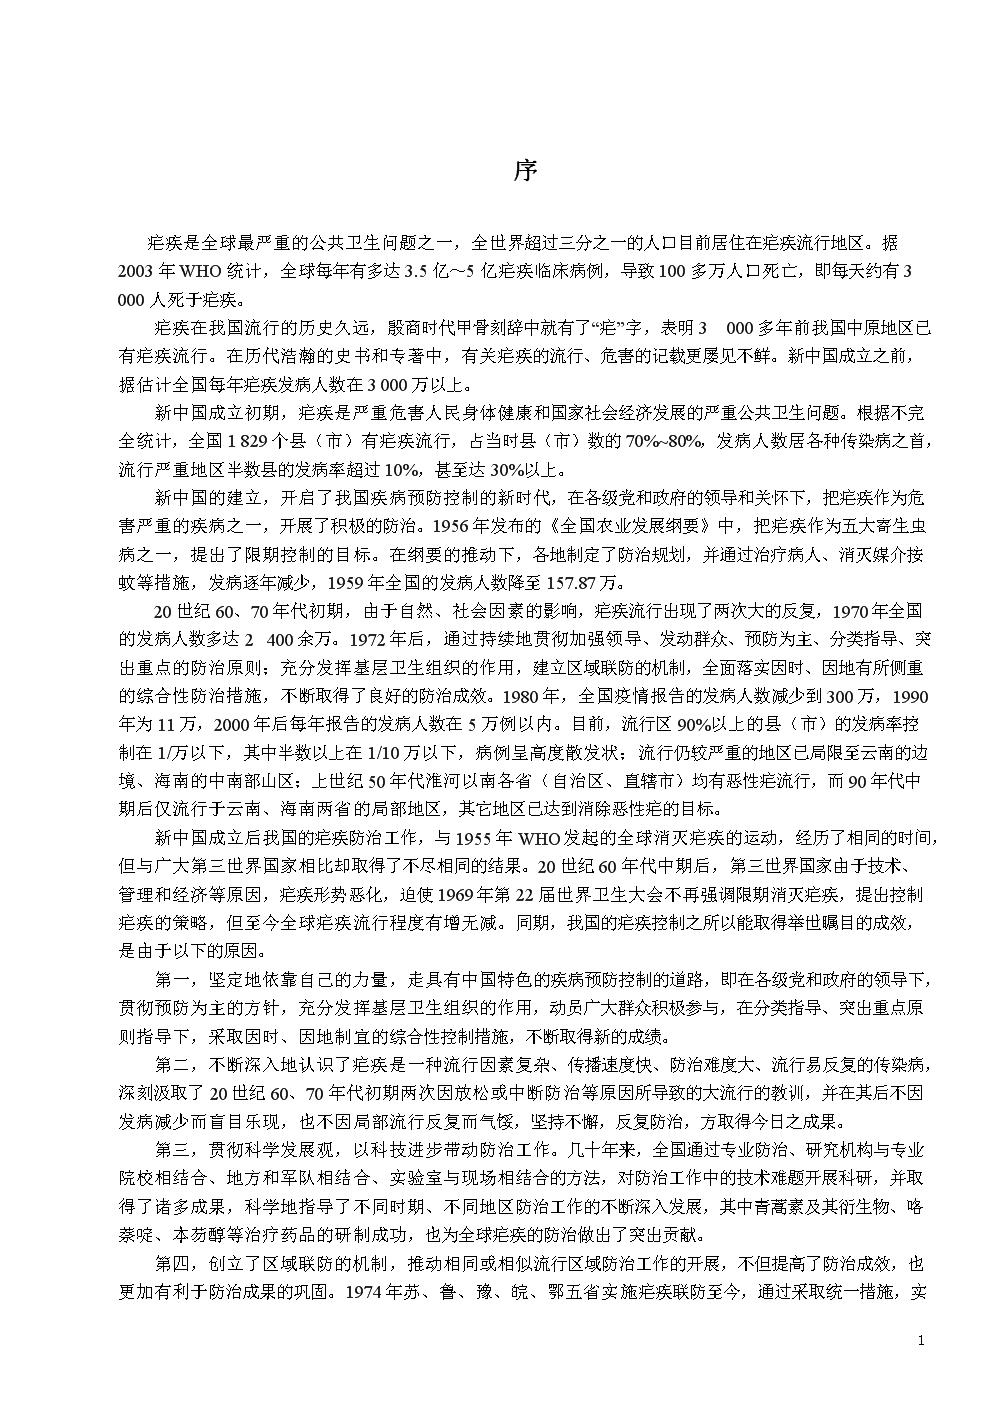 疟疾防治手册.doc